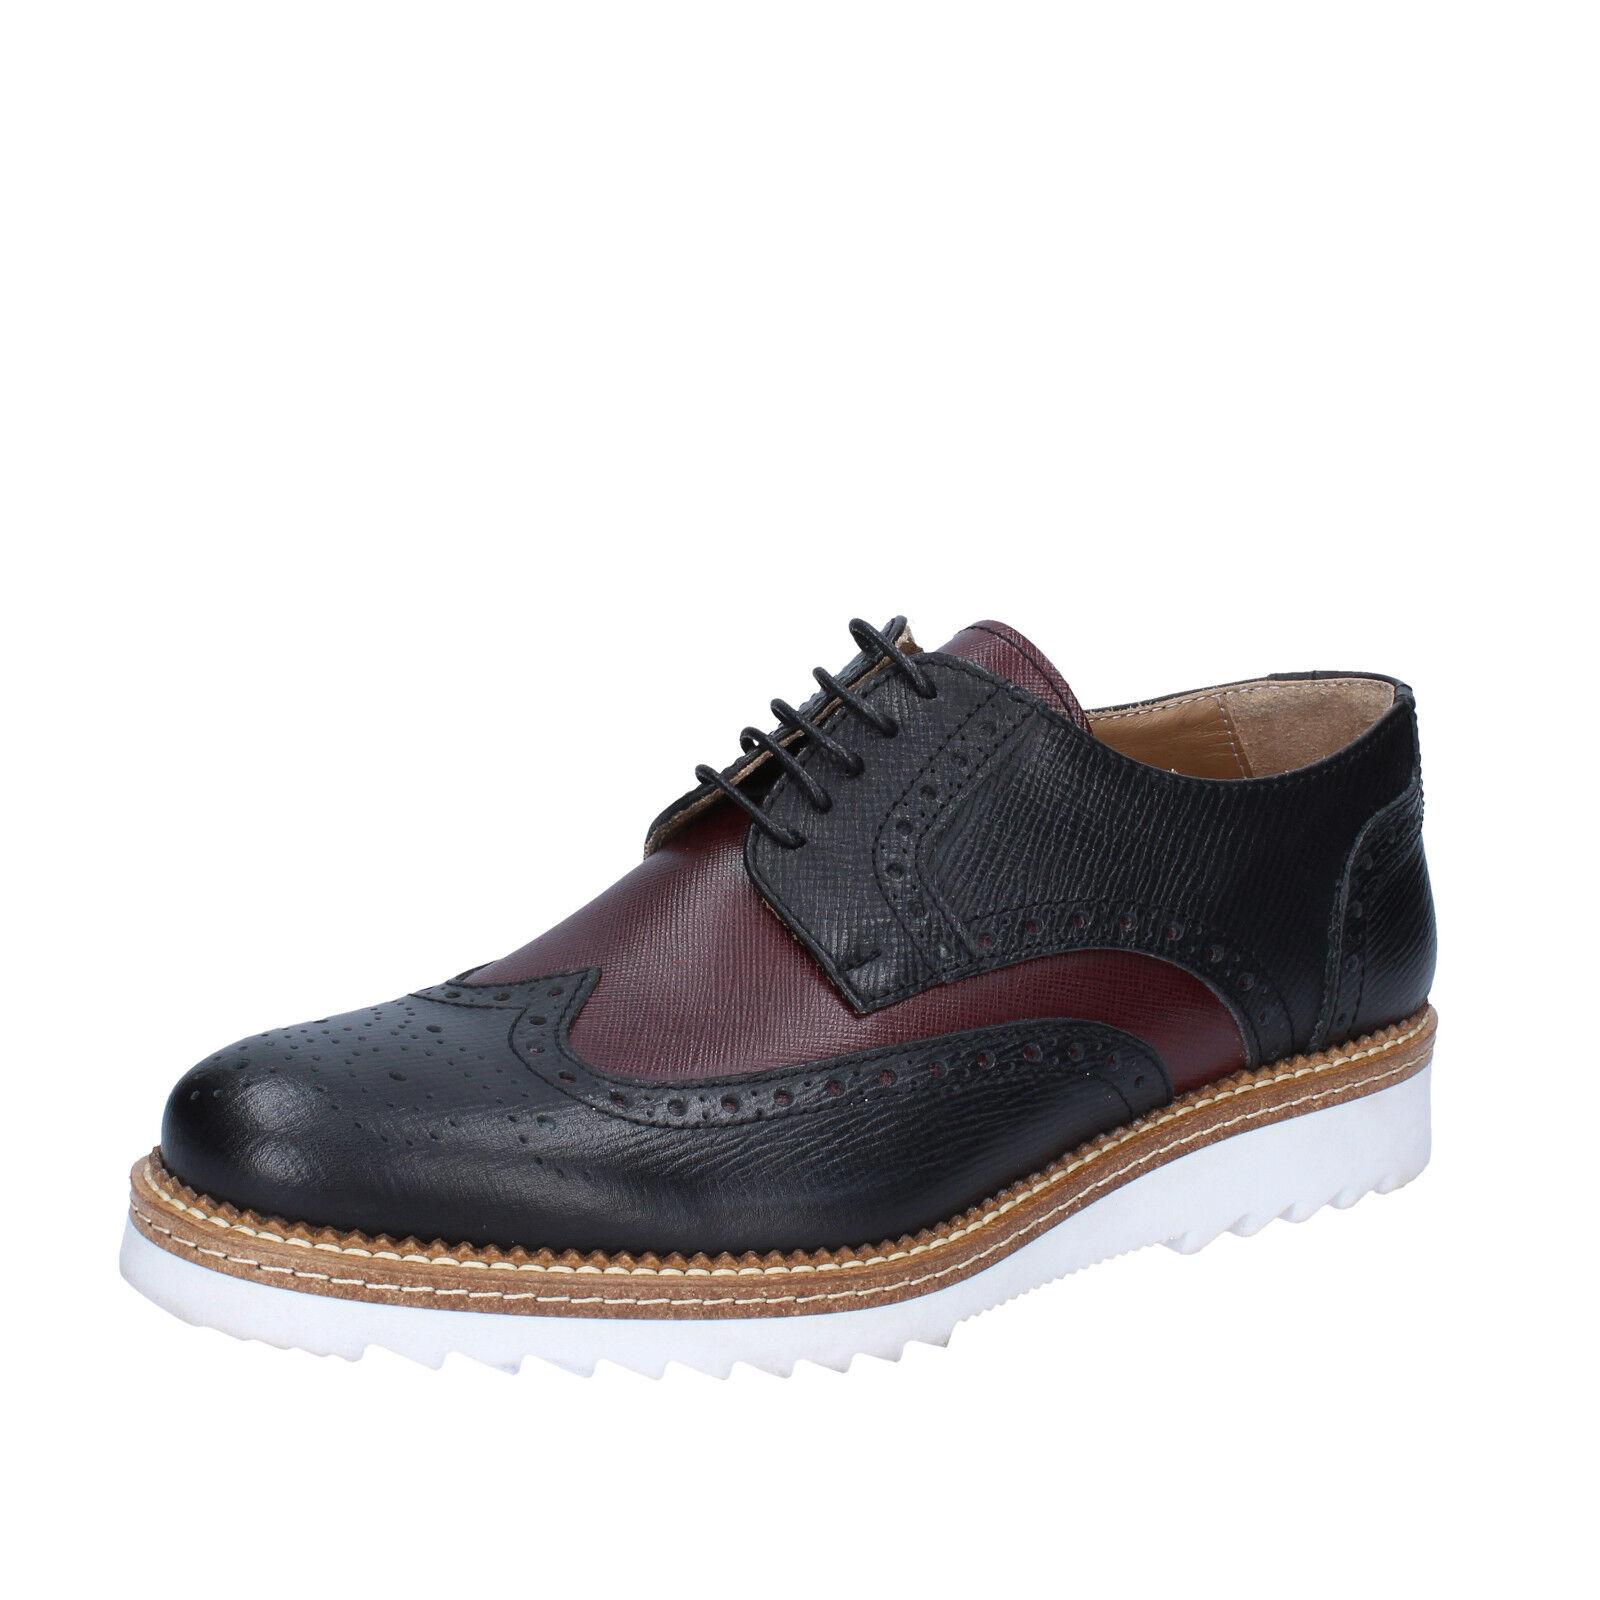 grande sconto Scarpe uomo FDF scarpe 41 EU classiche classiche classiche nero bordeaux pelle BZ369-C  spedizione veloce in tutto il mondo